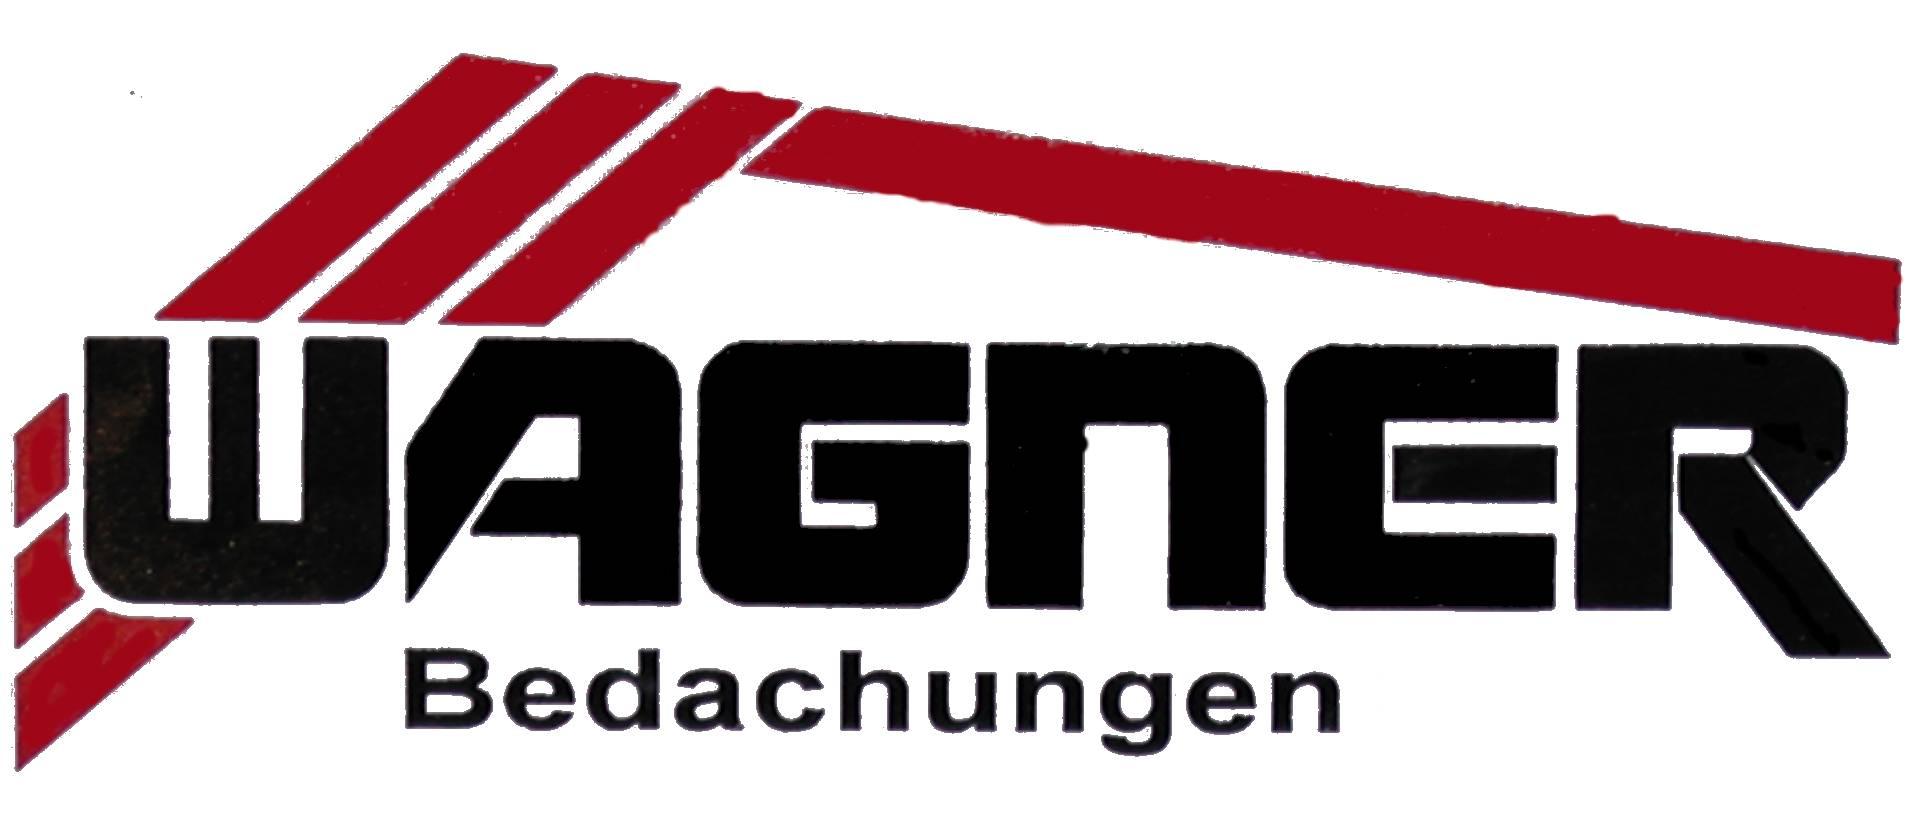 Wagner Bedachungen